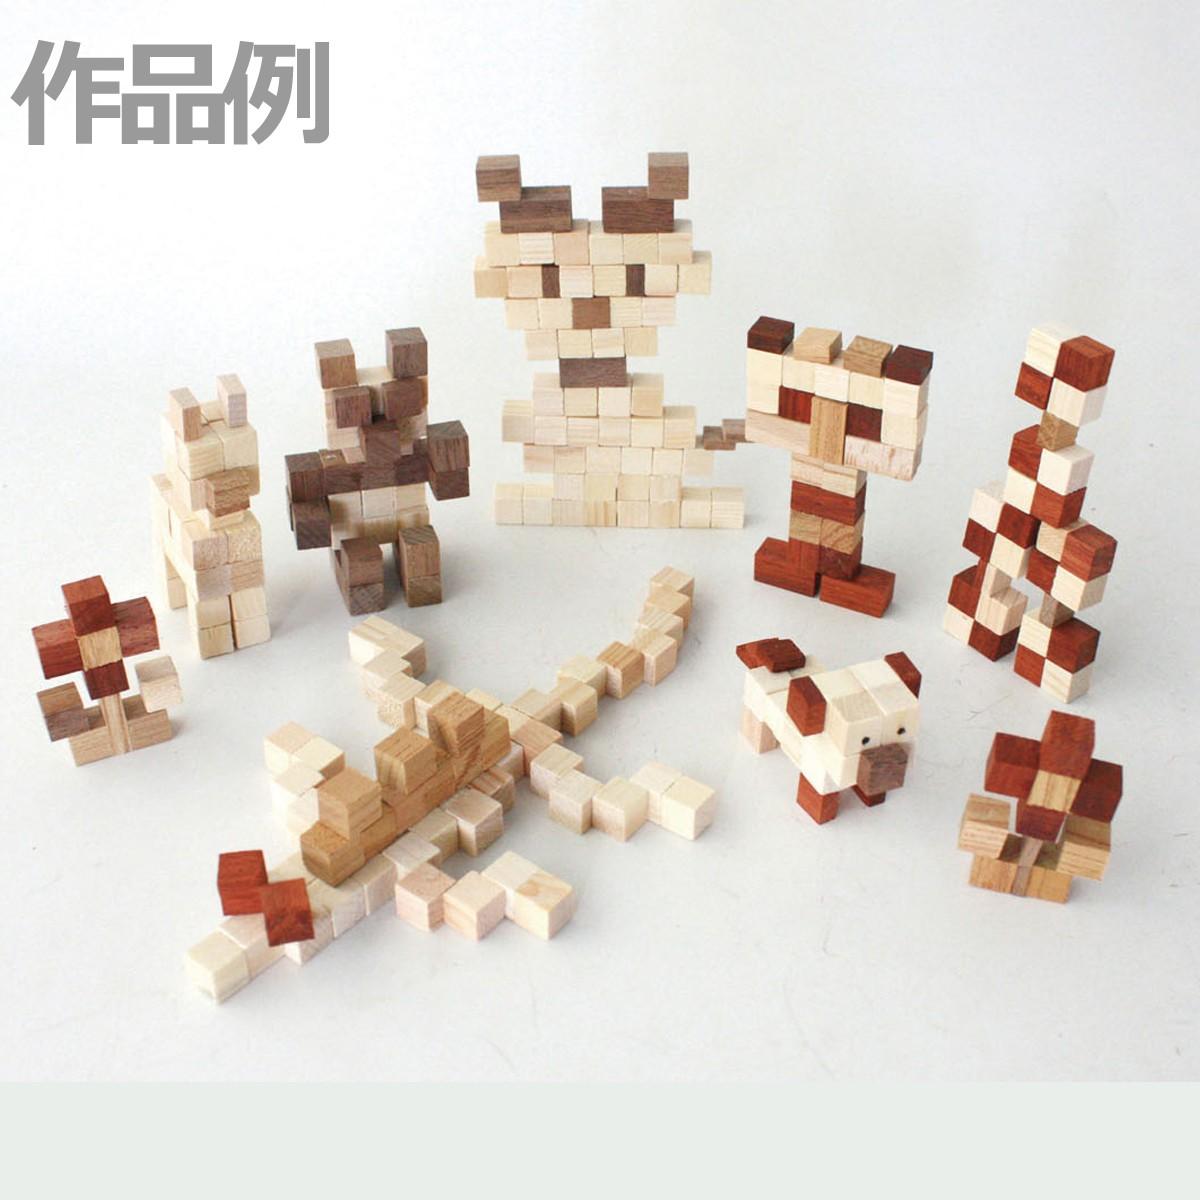 夏休みの工作、DIYに! モザイクブロックミックス 1cm角 約250個入 【 工作 工作キット 木材 木のブロック 】